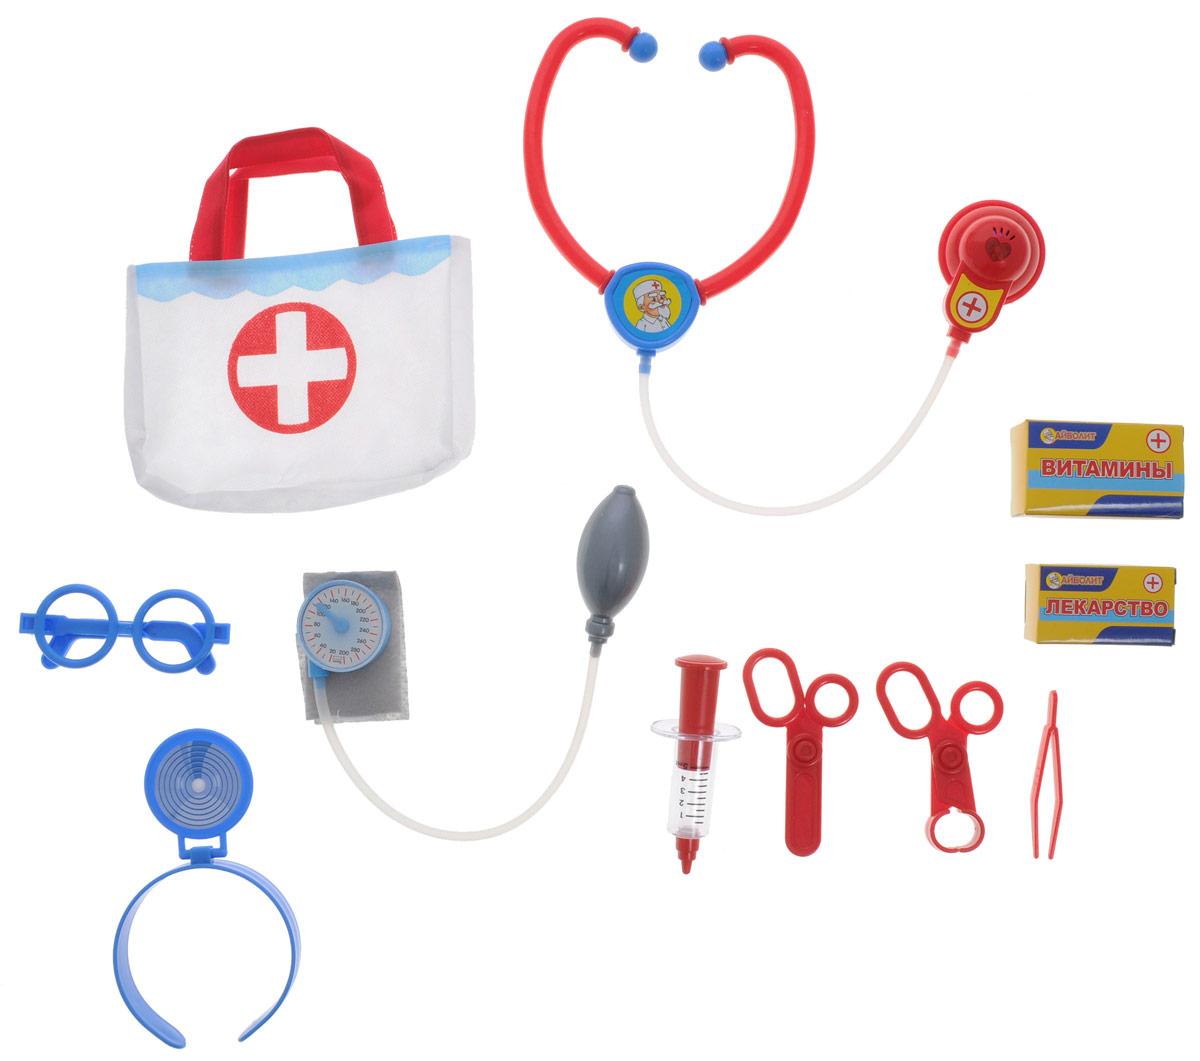 Играем вместе Игровой набор Доктор Айболит 13 предметовJ210-H34004-RИгровой набор Играем вместе Доктор Айболит включает в себя полный набор необходимых аксессуаров для маленького врача, которые создадут увлекательную атмосферу игры. В комплект входят стетоскоп, шприц, ножницы, зеркало с креплением для головы и другие медицинские инструменты - всего 13 элементов набора. Также в набор входит сумочка врача, в которую можно положить все необходимое. С этим замечательным набором ребенок сможет почувствовать себя квалифицированным специалистом. Теперь все игрушки будут совершенно здоровы! Рекомендуется докупить 2 батарейки типа LR44 (товар комплектуется демонстрационными).